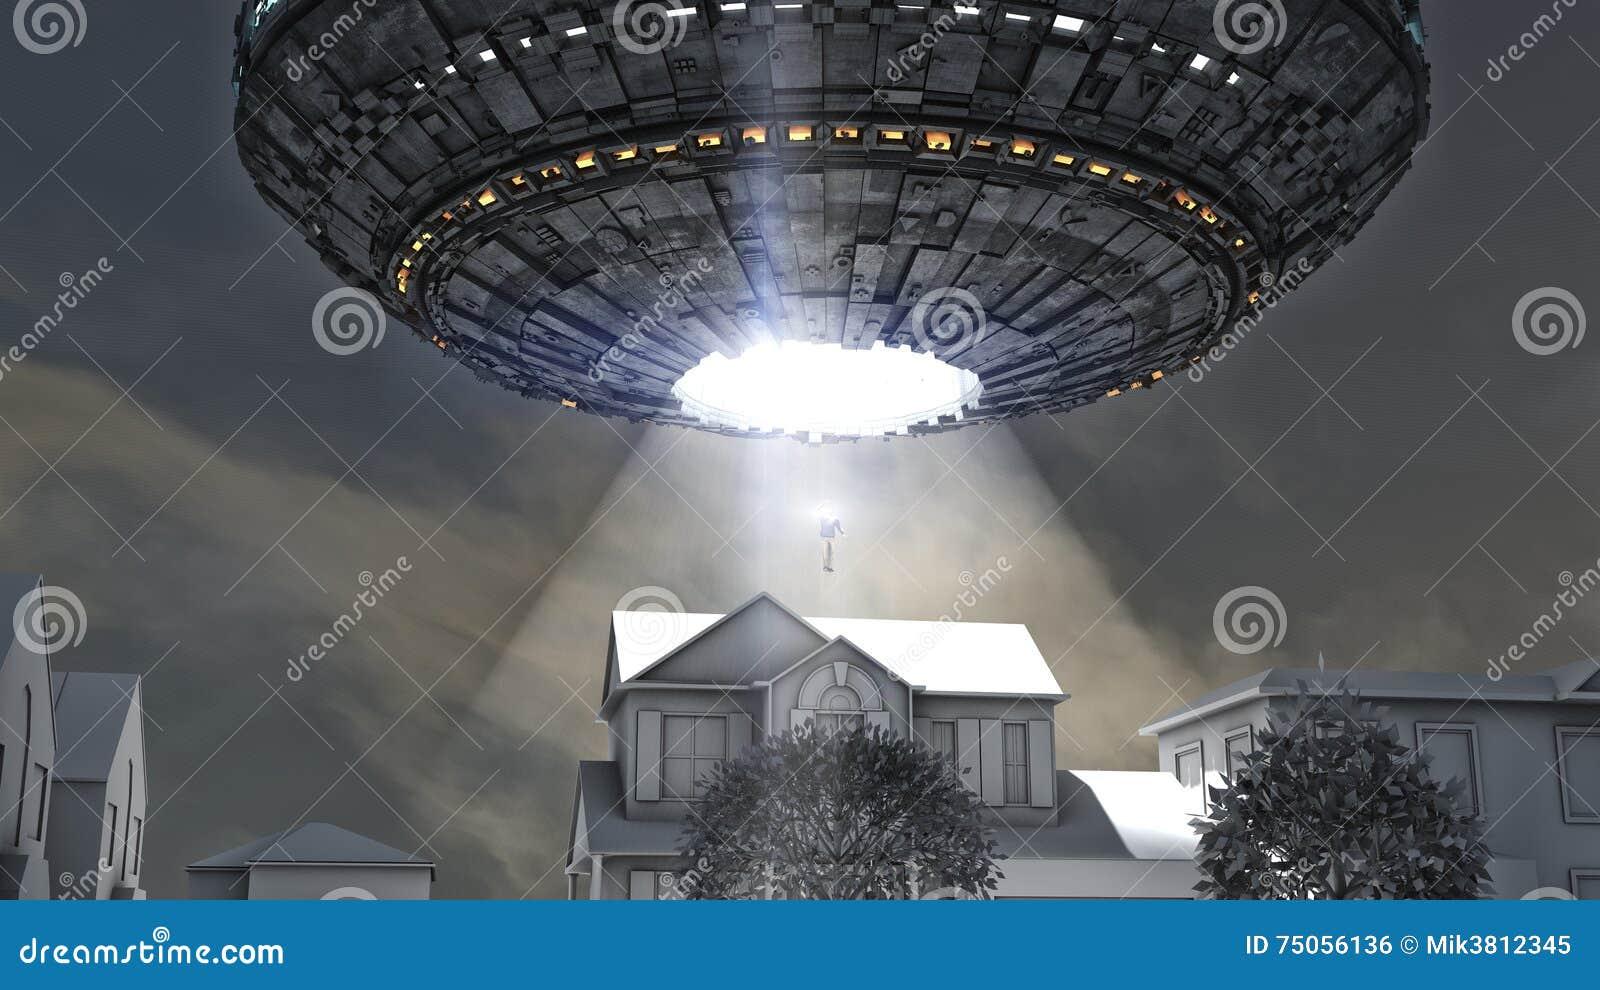 Alien spacecraft abduction